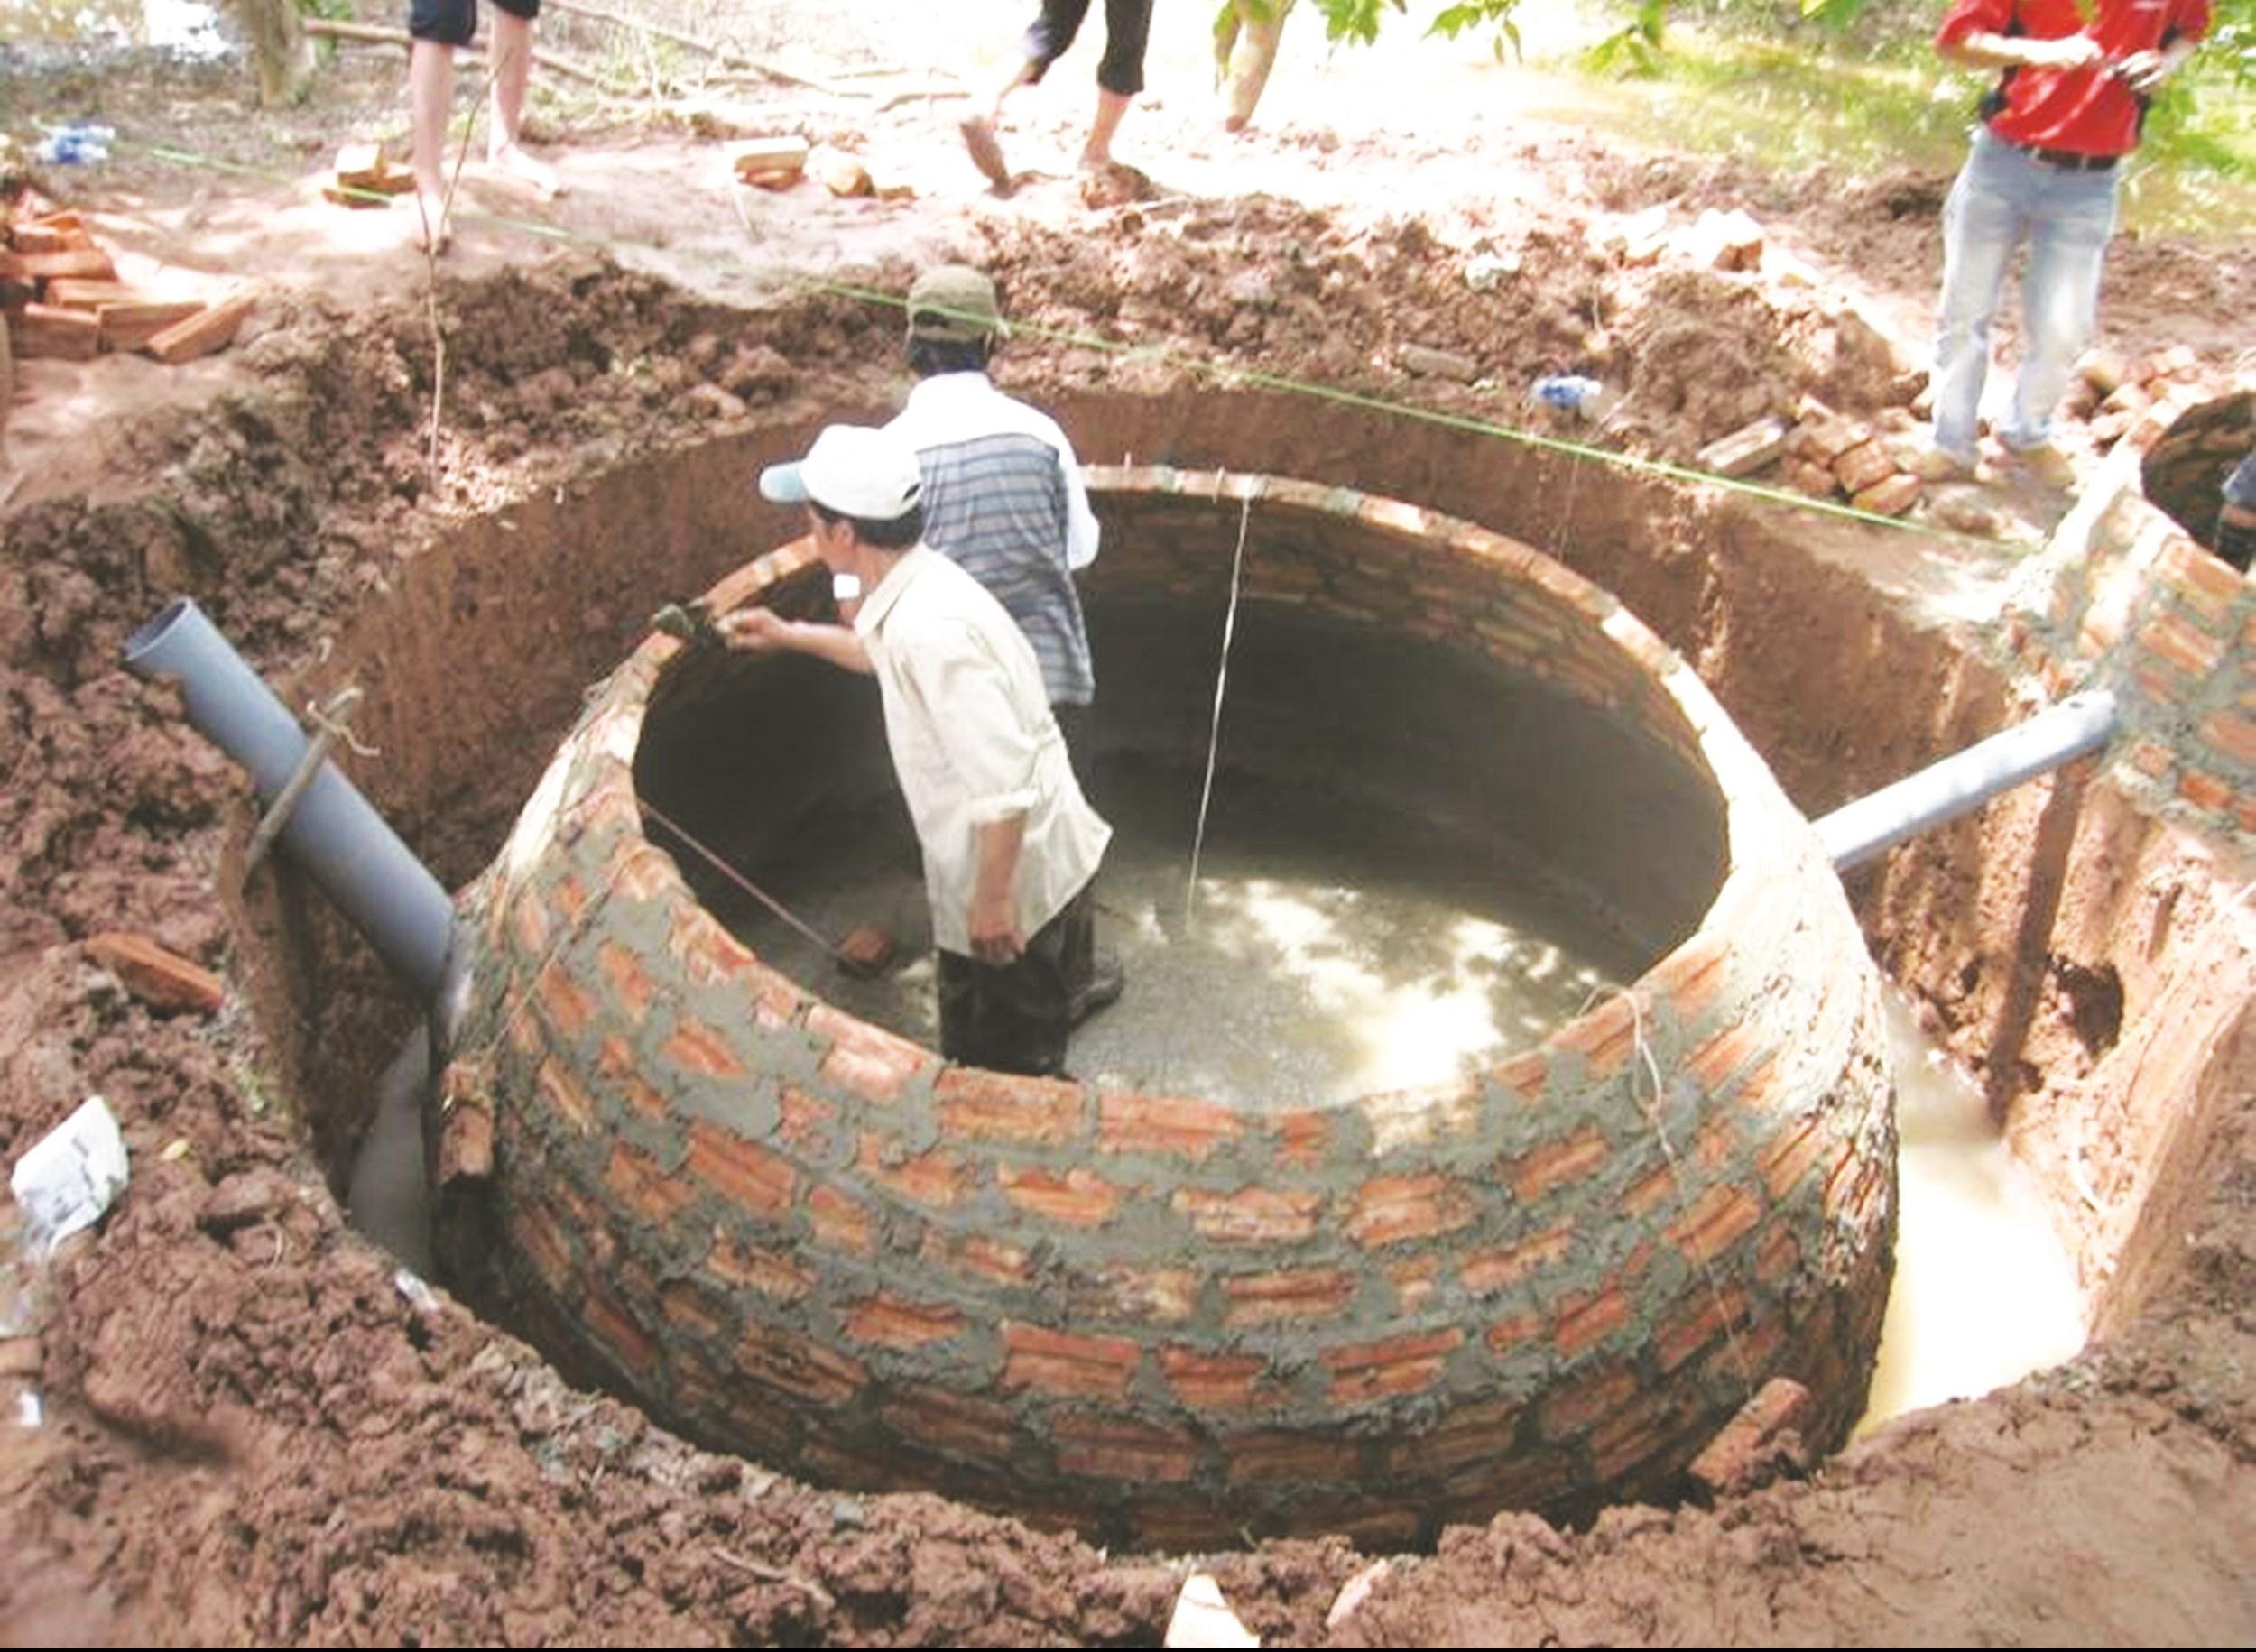 Mô hình hầm Biogas được các hộ chăn nuôi áp dụng tại nhiều địa phương trên địa bàn tỉnh.